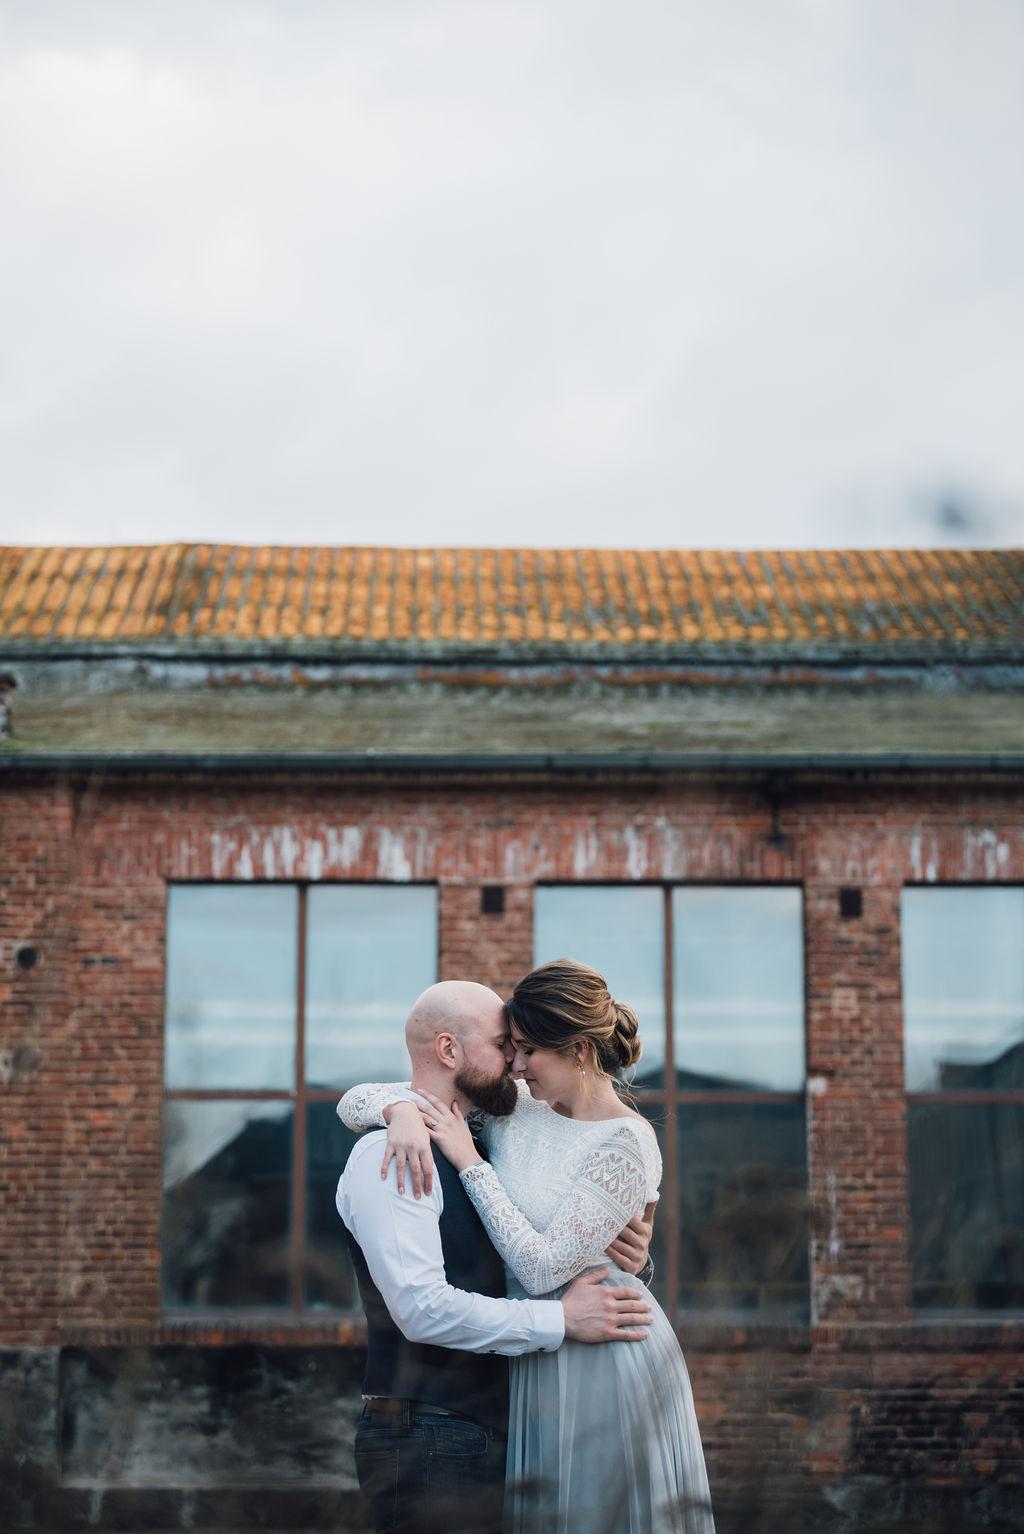 noni, zweiteiliges Brautkleid mit rückenfreiem Body mit Spitzenmuster und langem grauen Softtüllrock